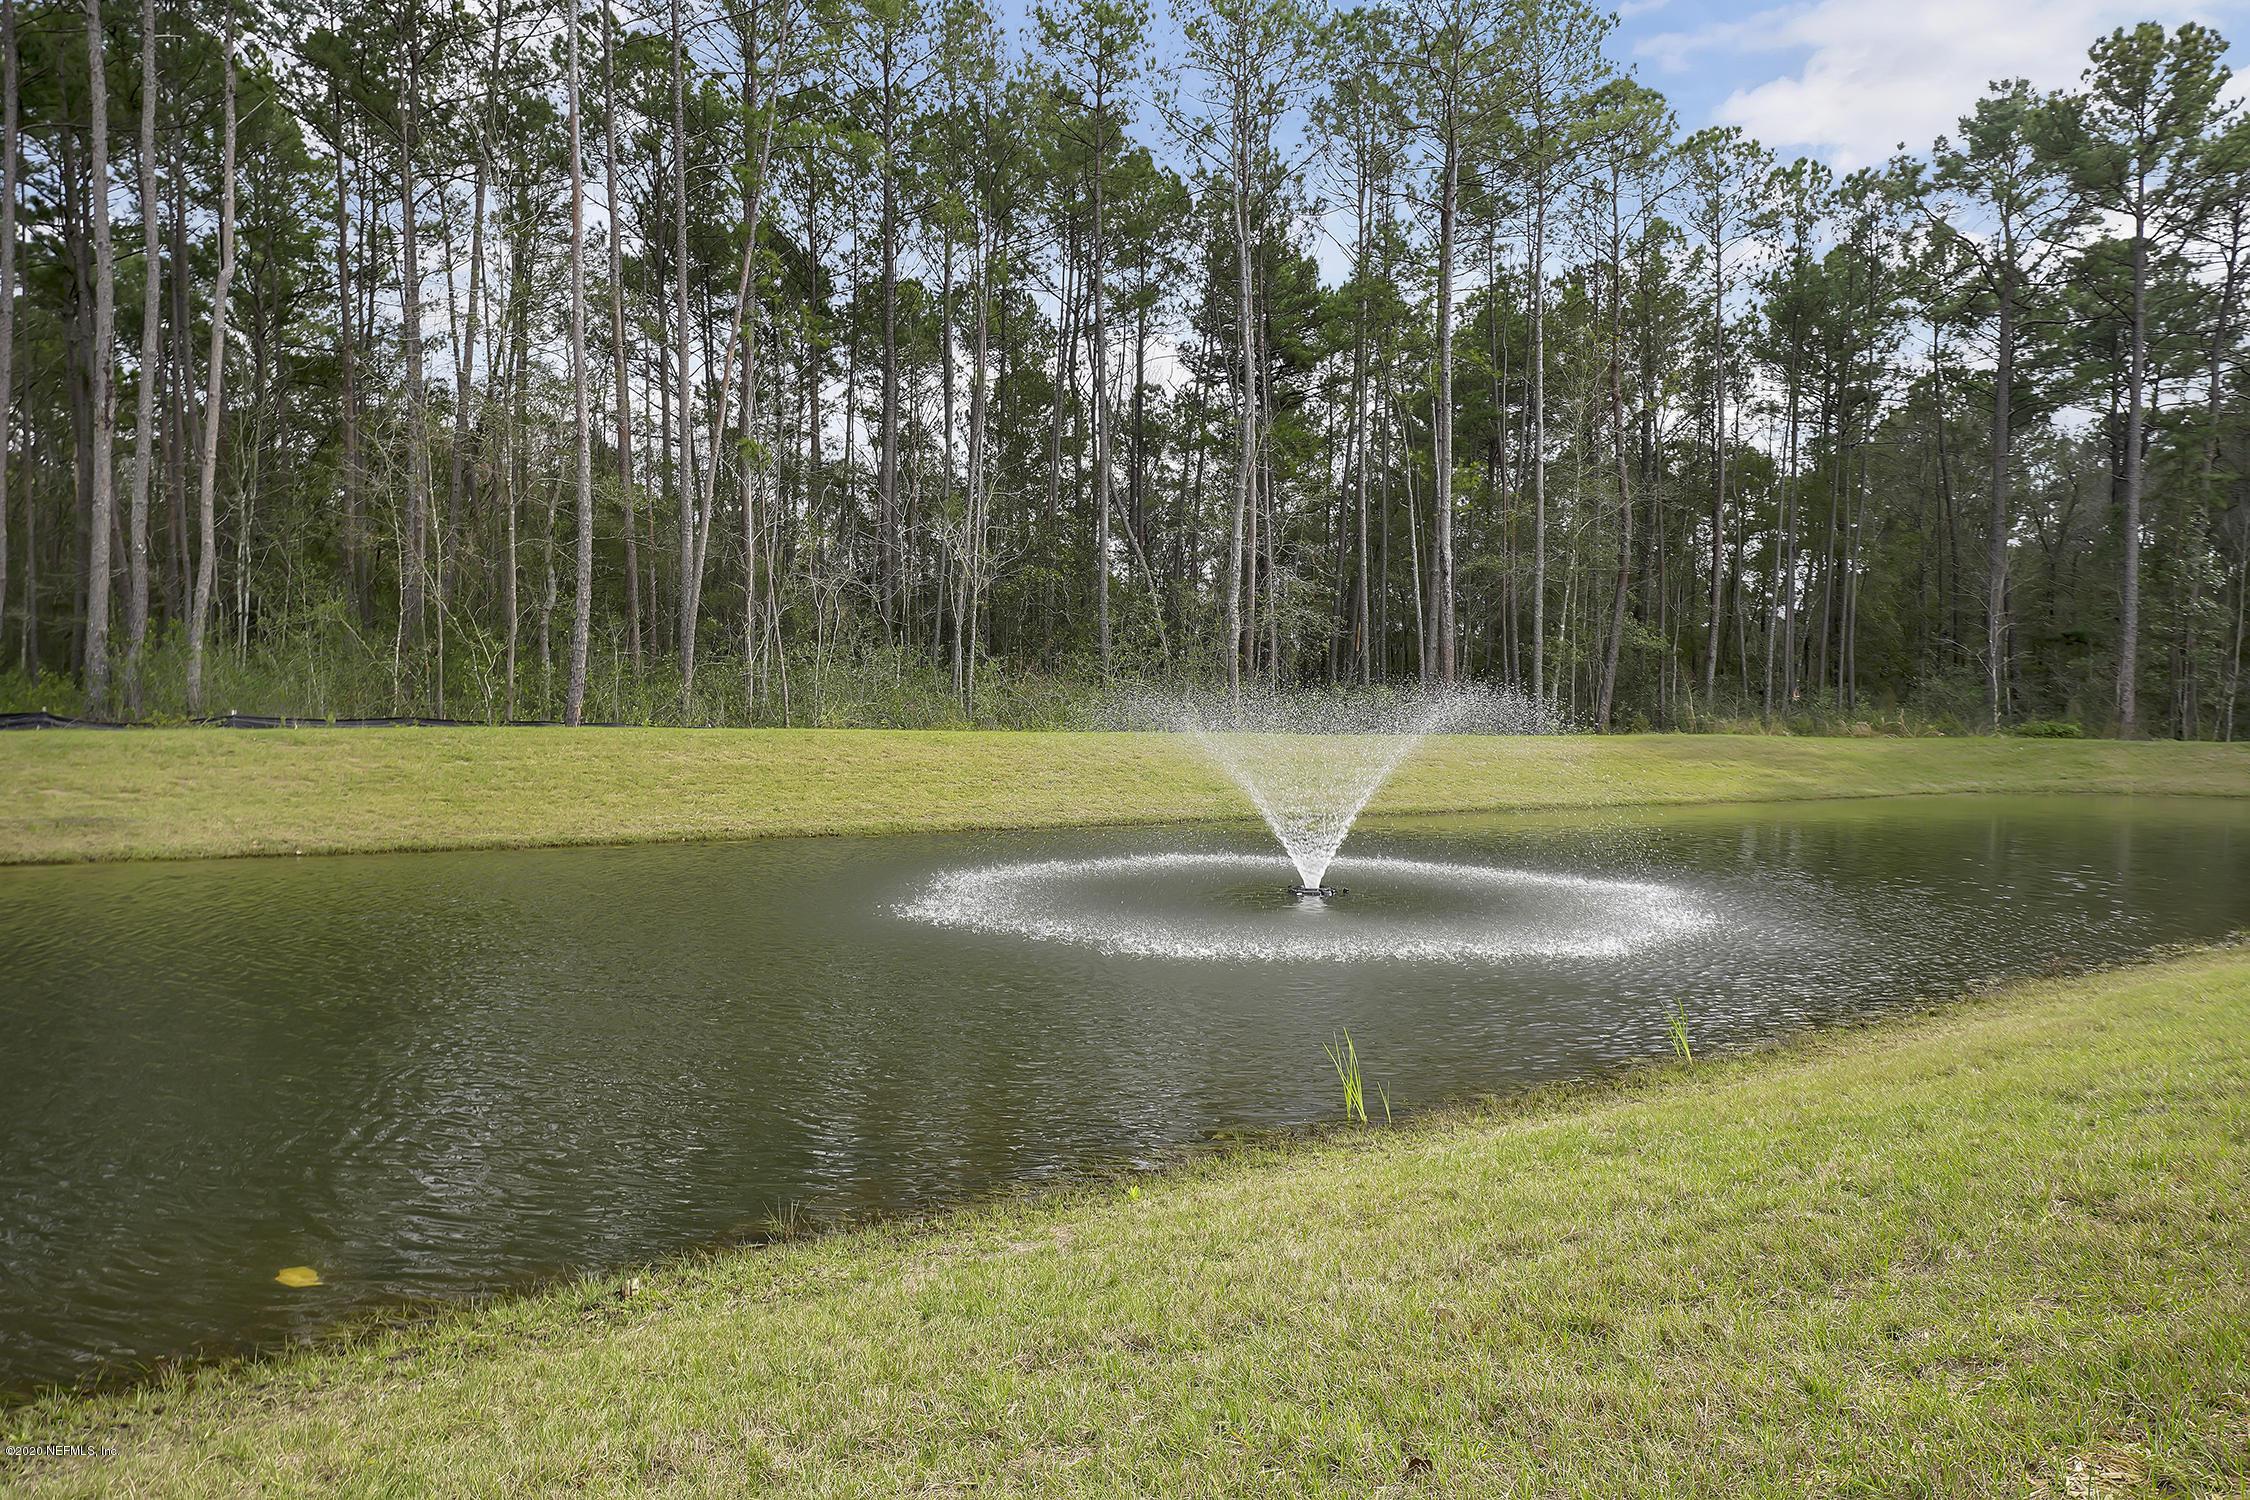 6360 BLAKELY, JACKSONVILLE, FLORIDA 32222, 4 Bedrooms Bedrooms, ,2 BathroomsBathrooms,Residential,For sale,BLAKELY,1039128